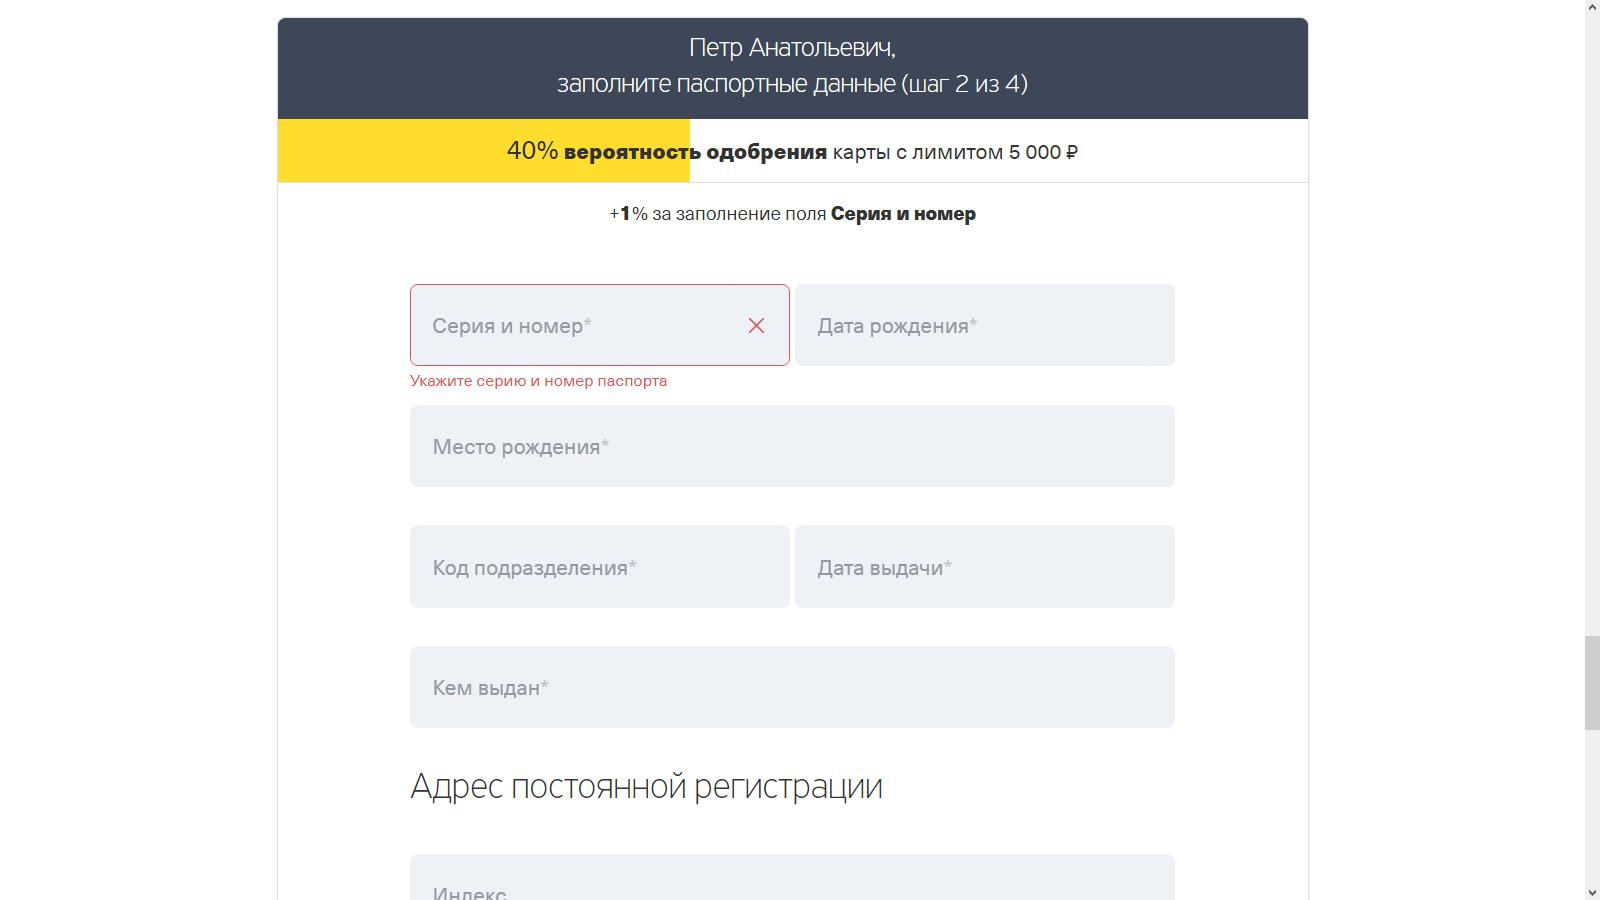 Второй шаг анкеты для заказа карты Тинькофф